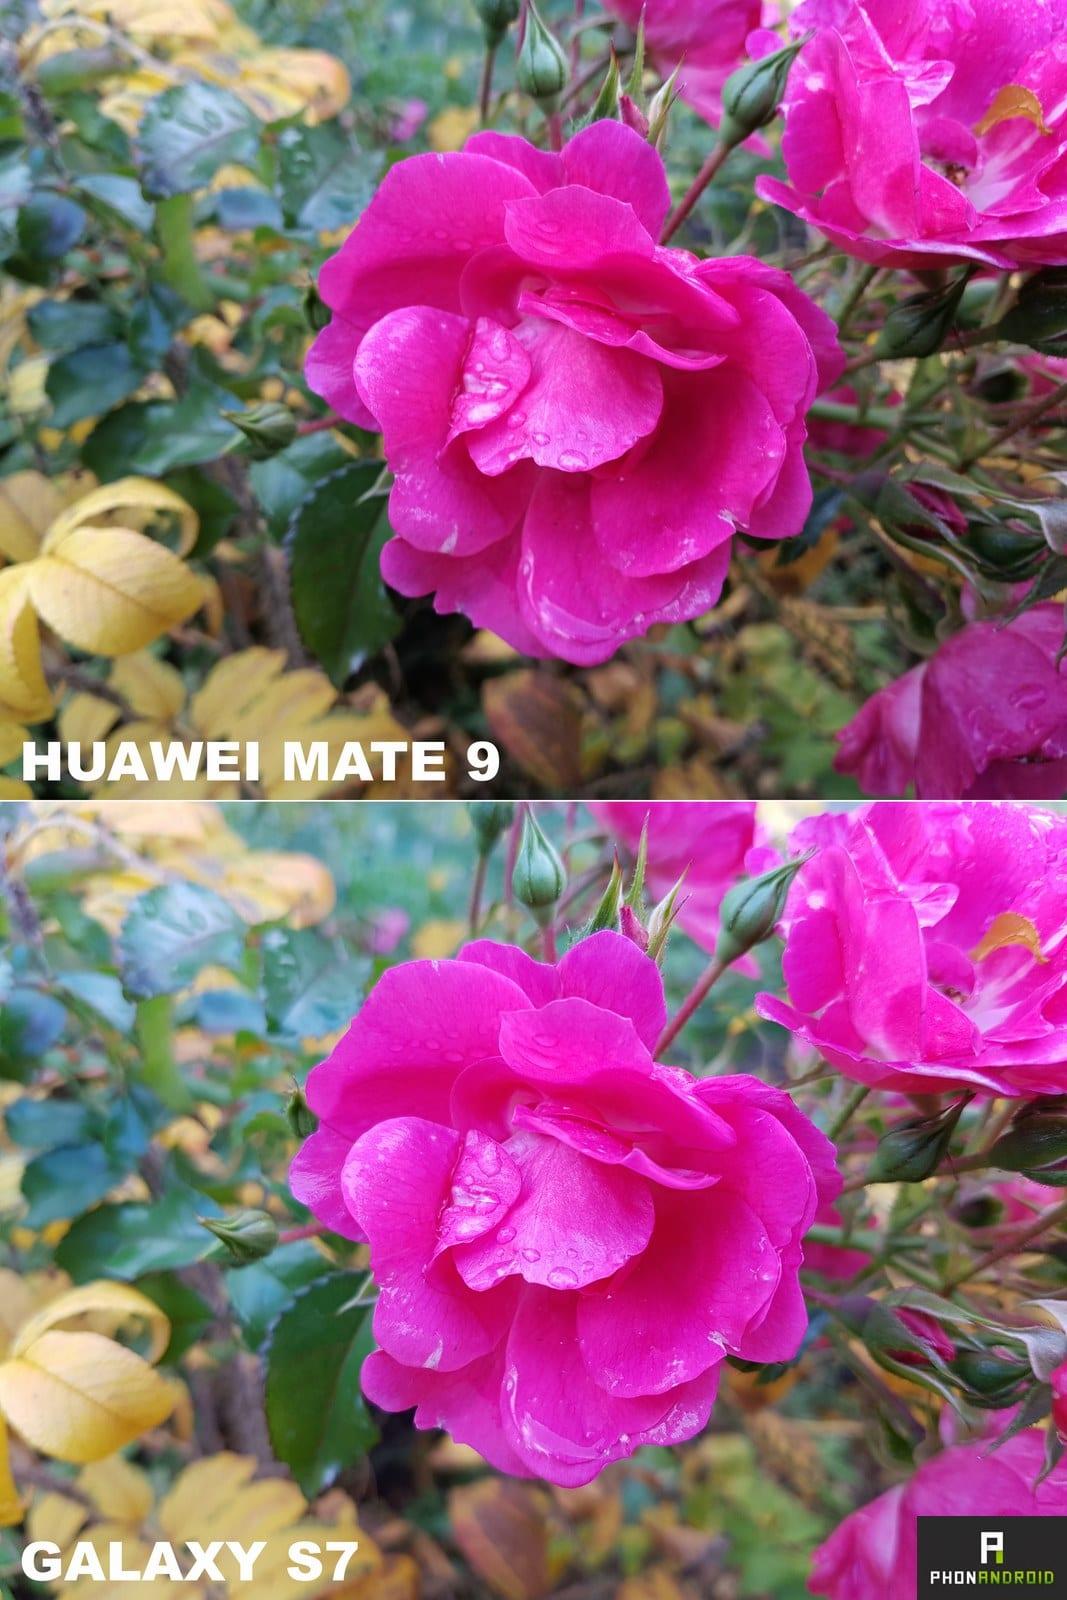 huawei mate 9 galaxy s7 photo macro